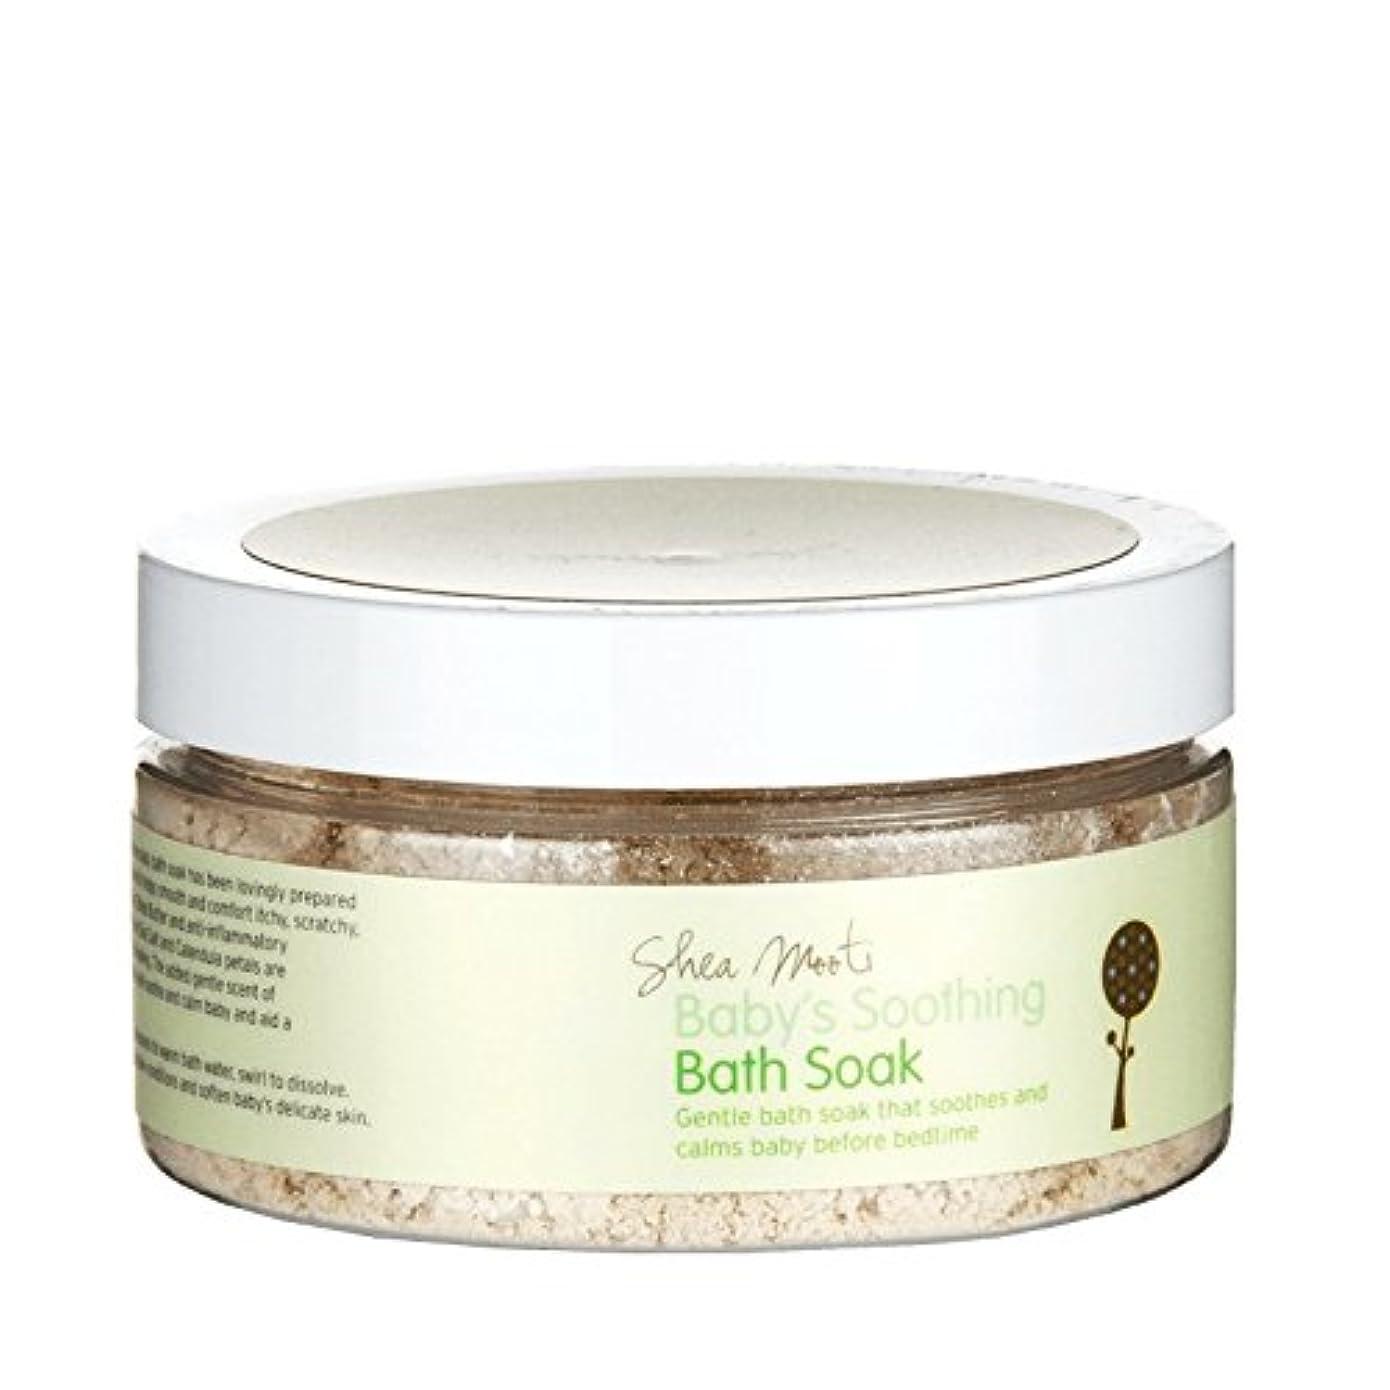 ディスパッチ郵便番号アグネスグレイShea Mooti Baby's Soothing Bath Soak 130g (Pack of 2) - シアバターMooti赤ちゃんの癒しのお風呂は、130グラムを浸し (x2) [並行輸入品]